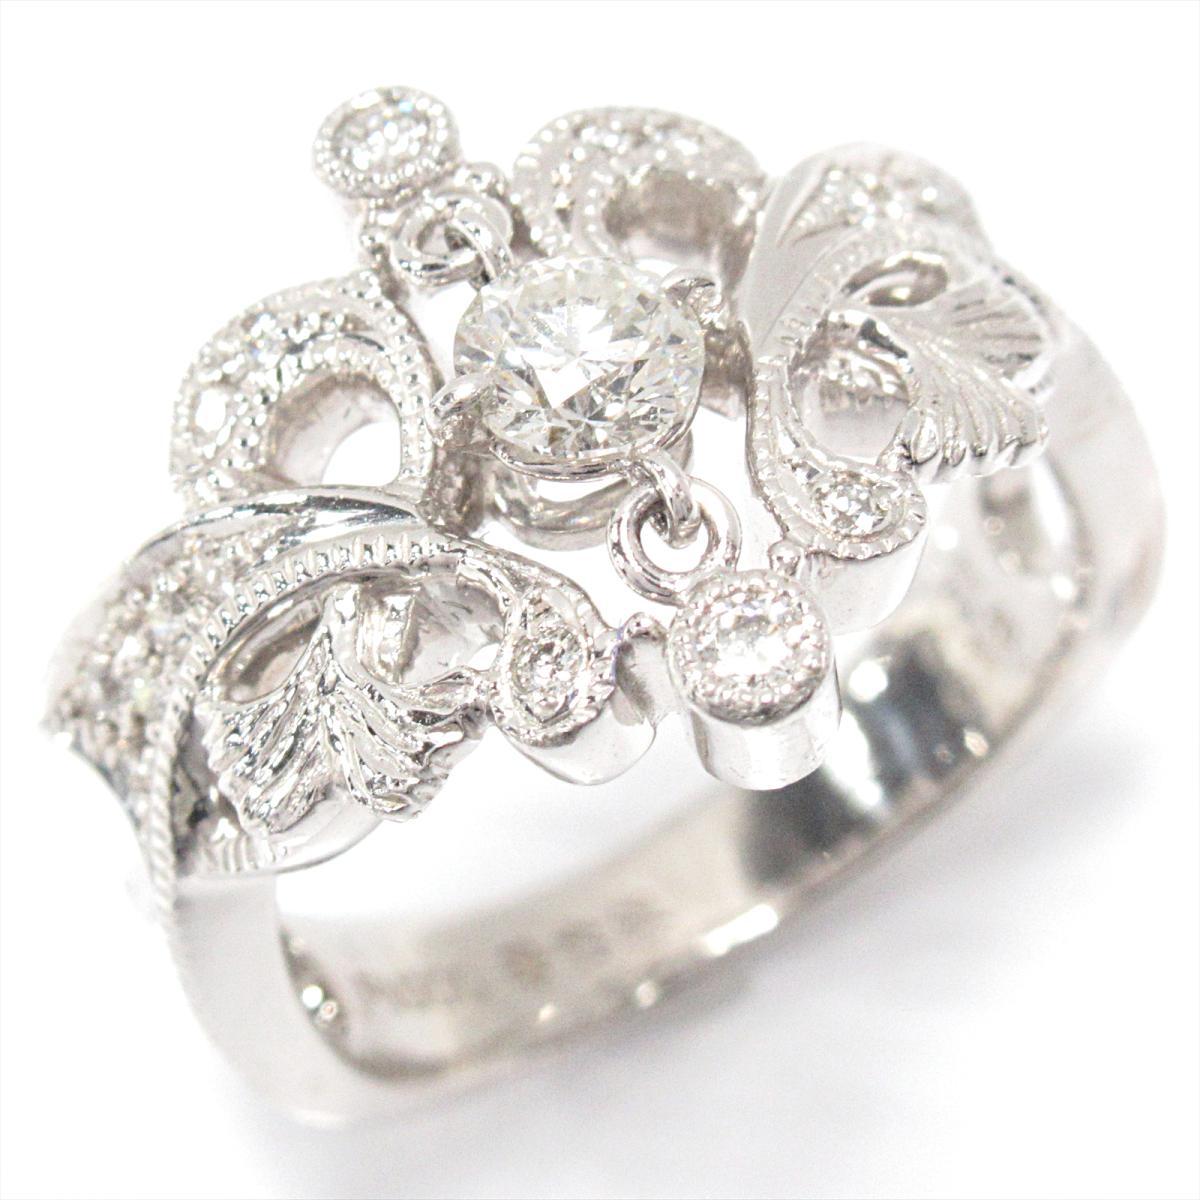 【中古】 ジュエリー 華宝流 ダイヤモンドリング 指輪 レディース PT900 プラチナ x ダイヤモンド (0.31/0.18ct) | JEWELRY BRANDOFF ブランドオフ ブランド アクセサリー リング